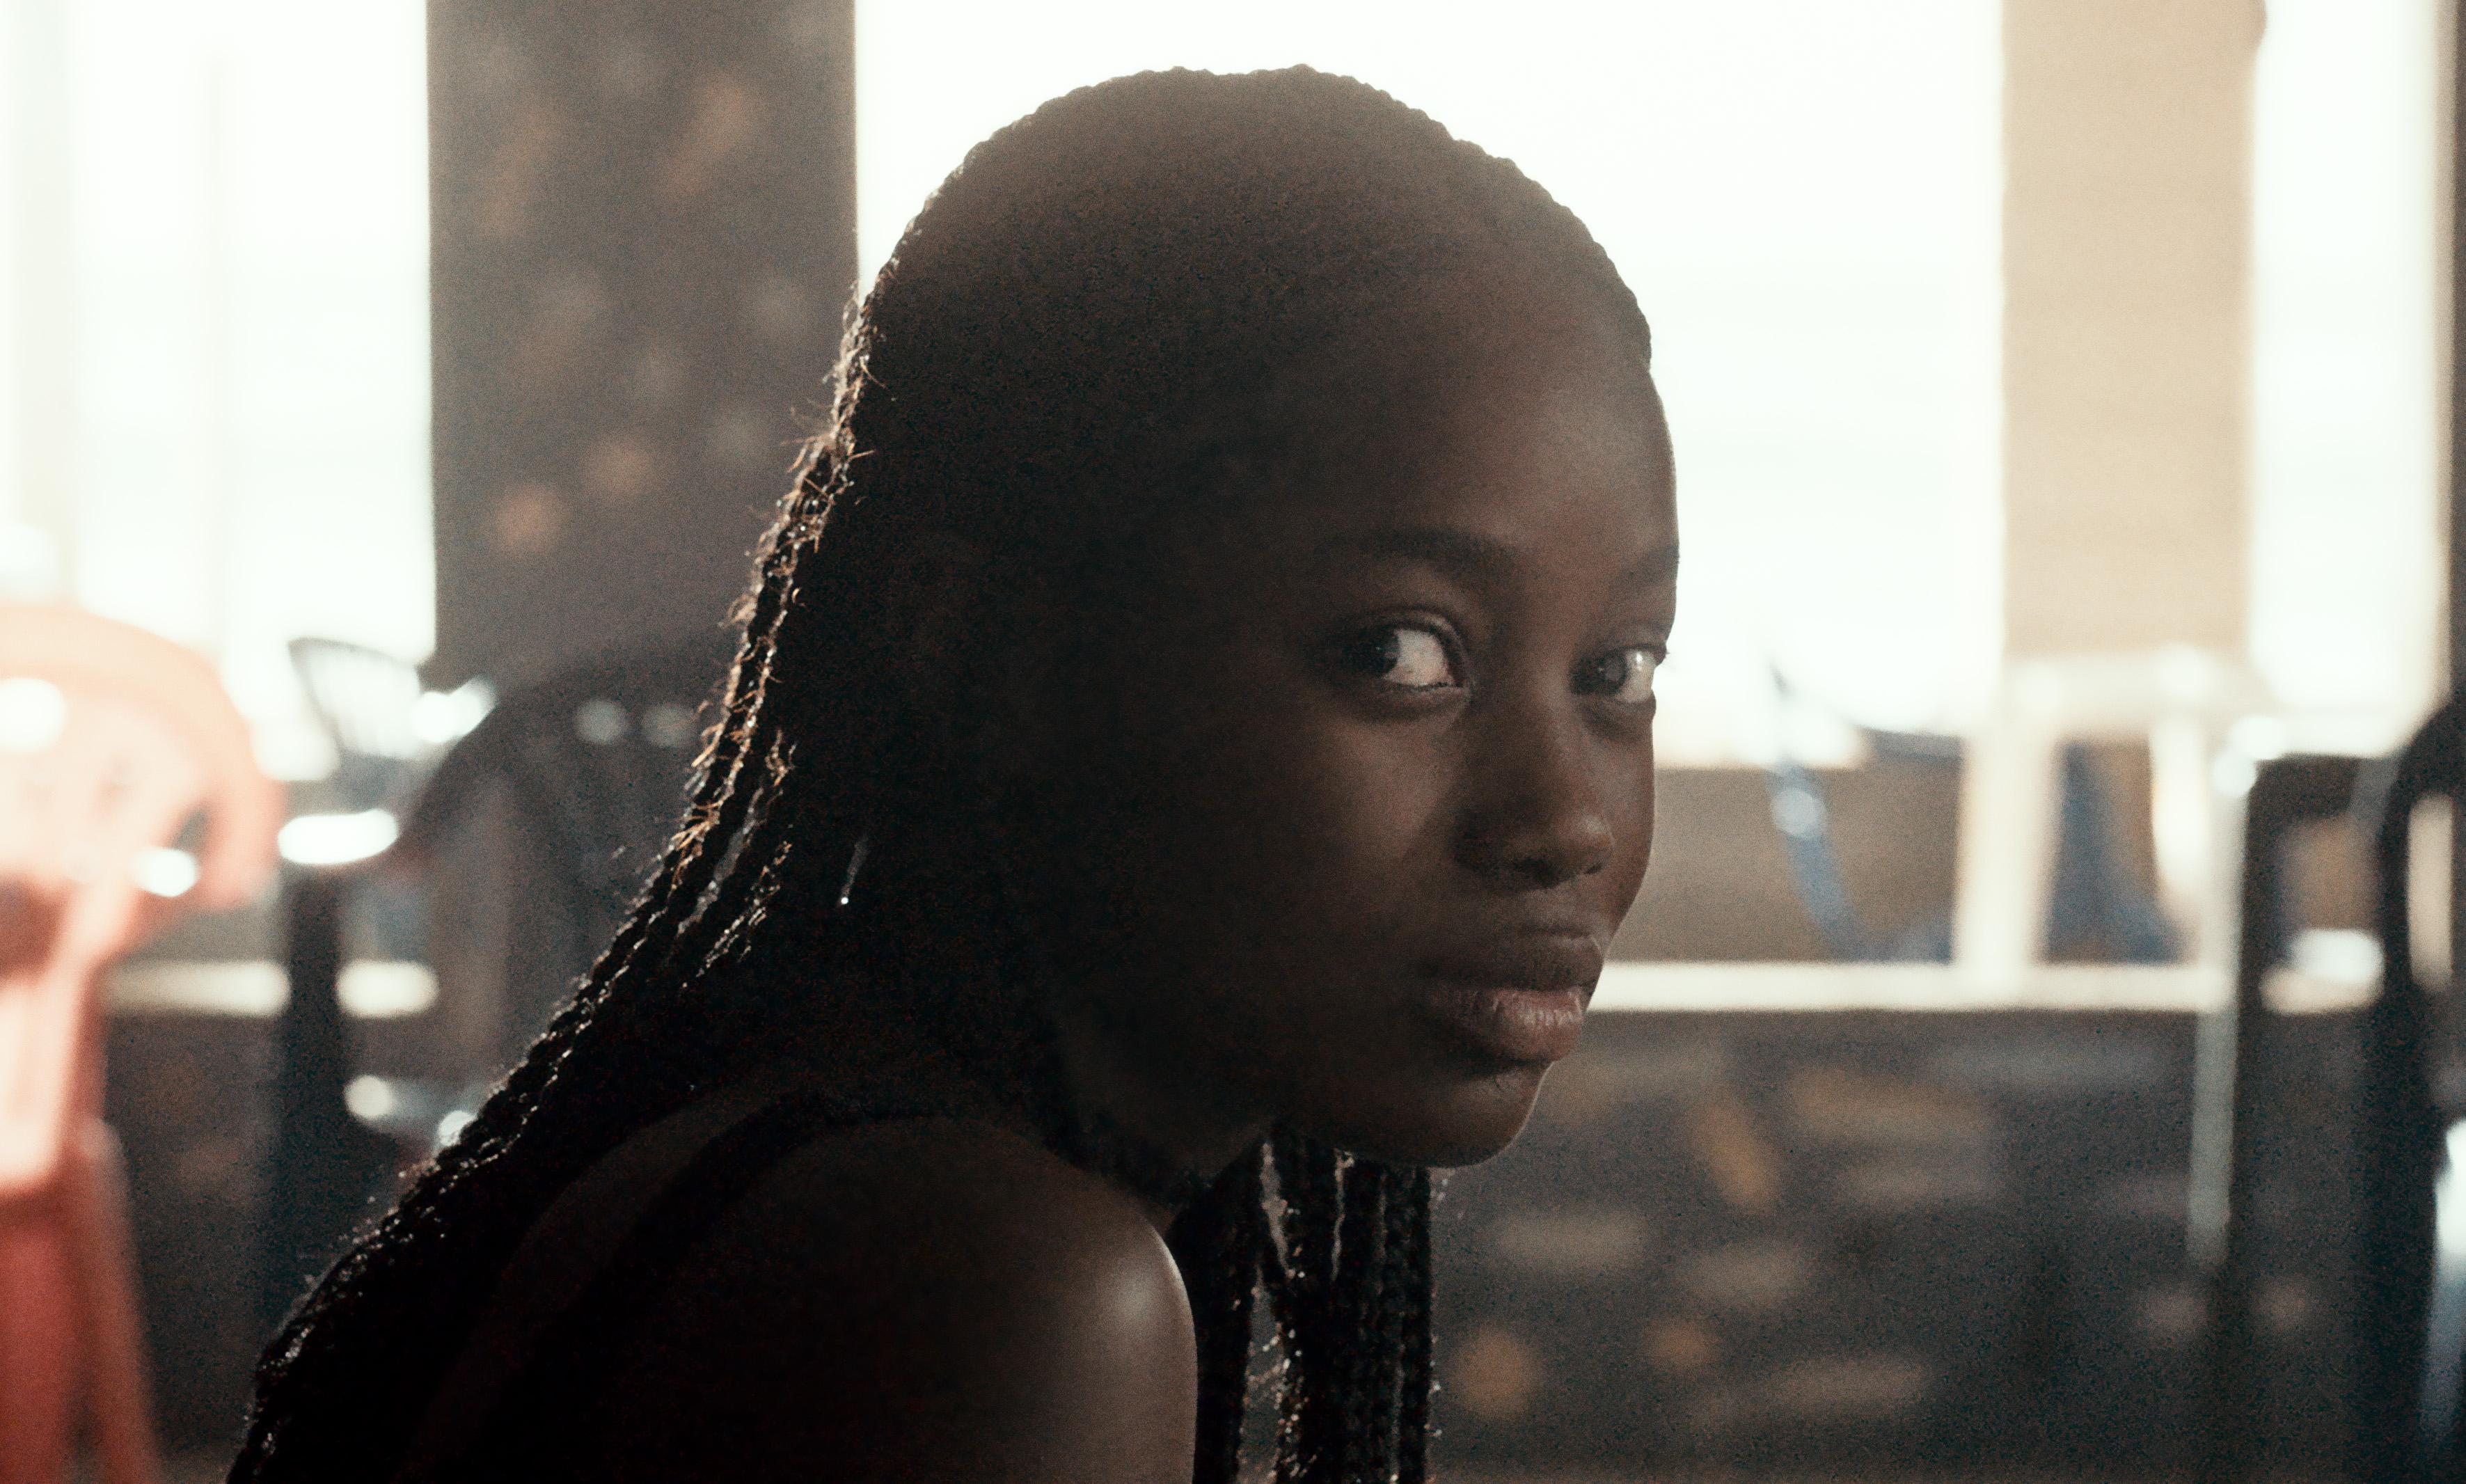 Atlantique, un film de Mati Diop sélectionné au Festival de Cannes 2019.